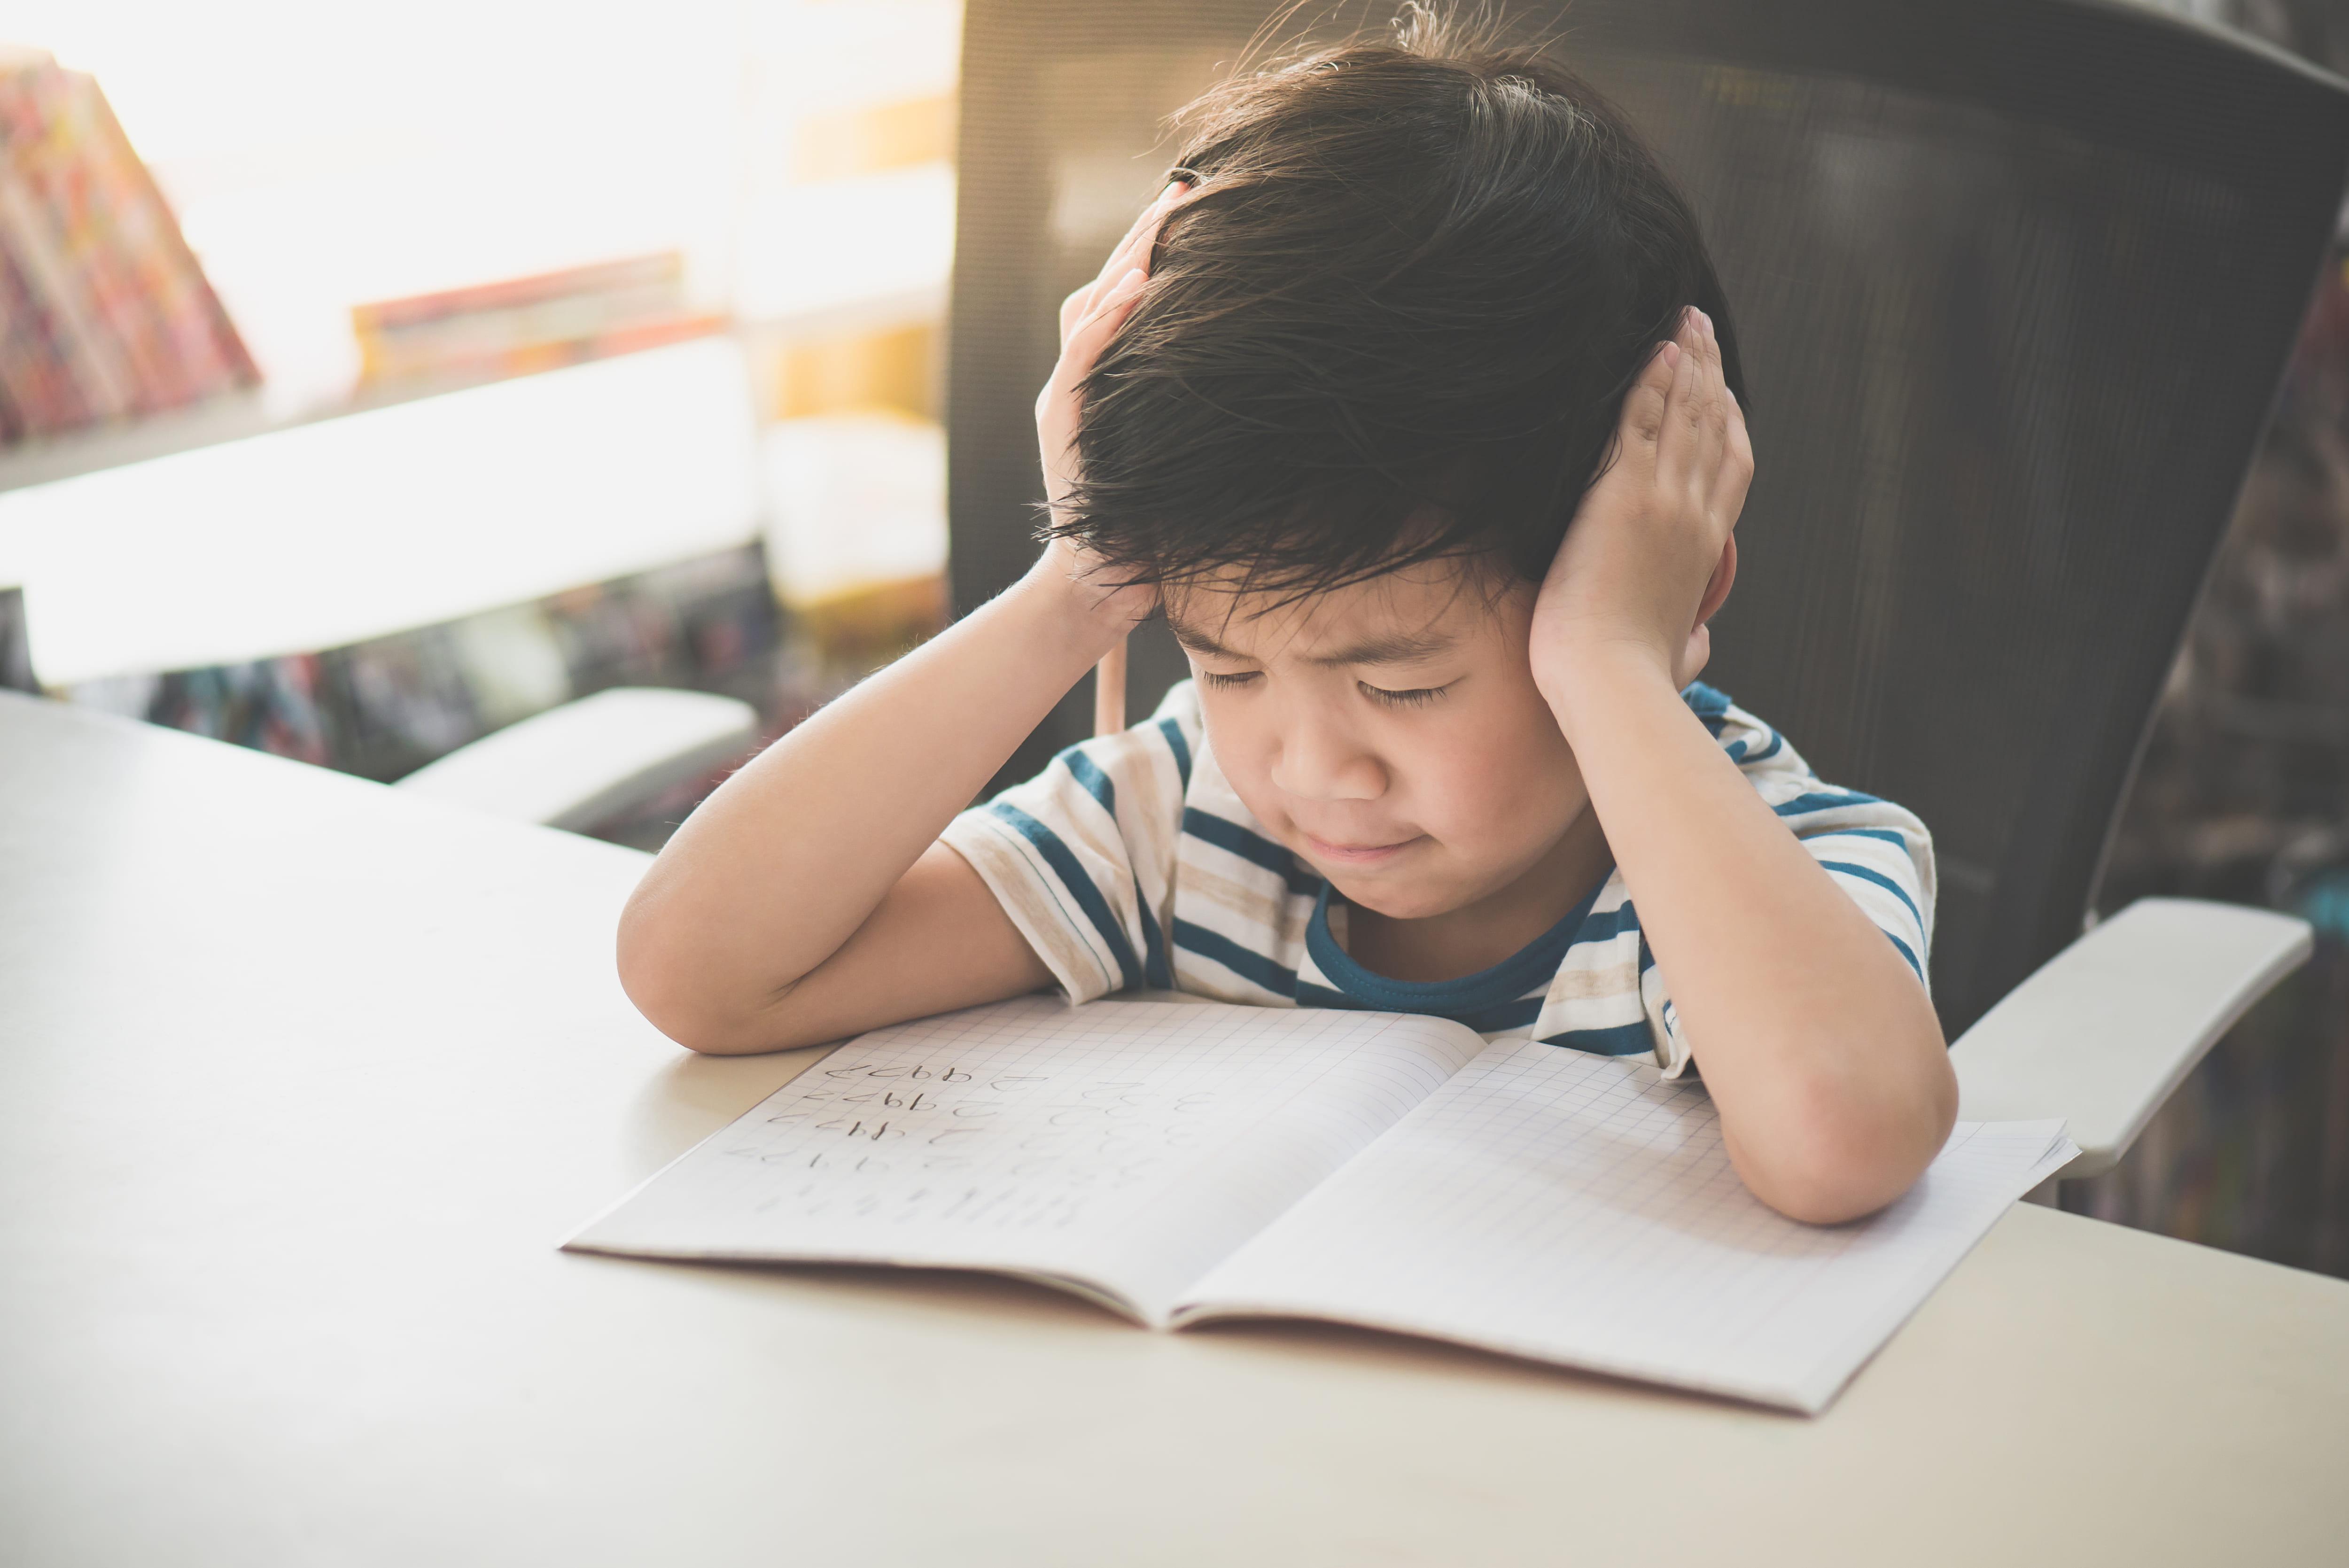 若い頃もっと勉強